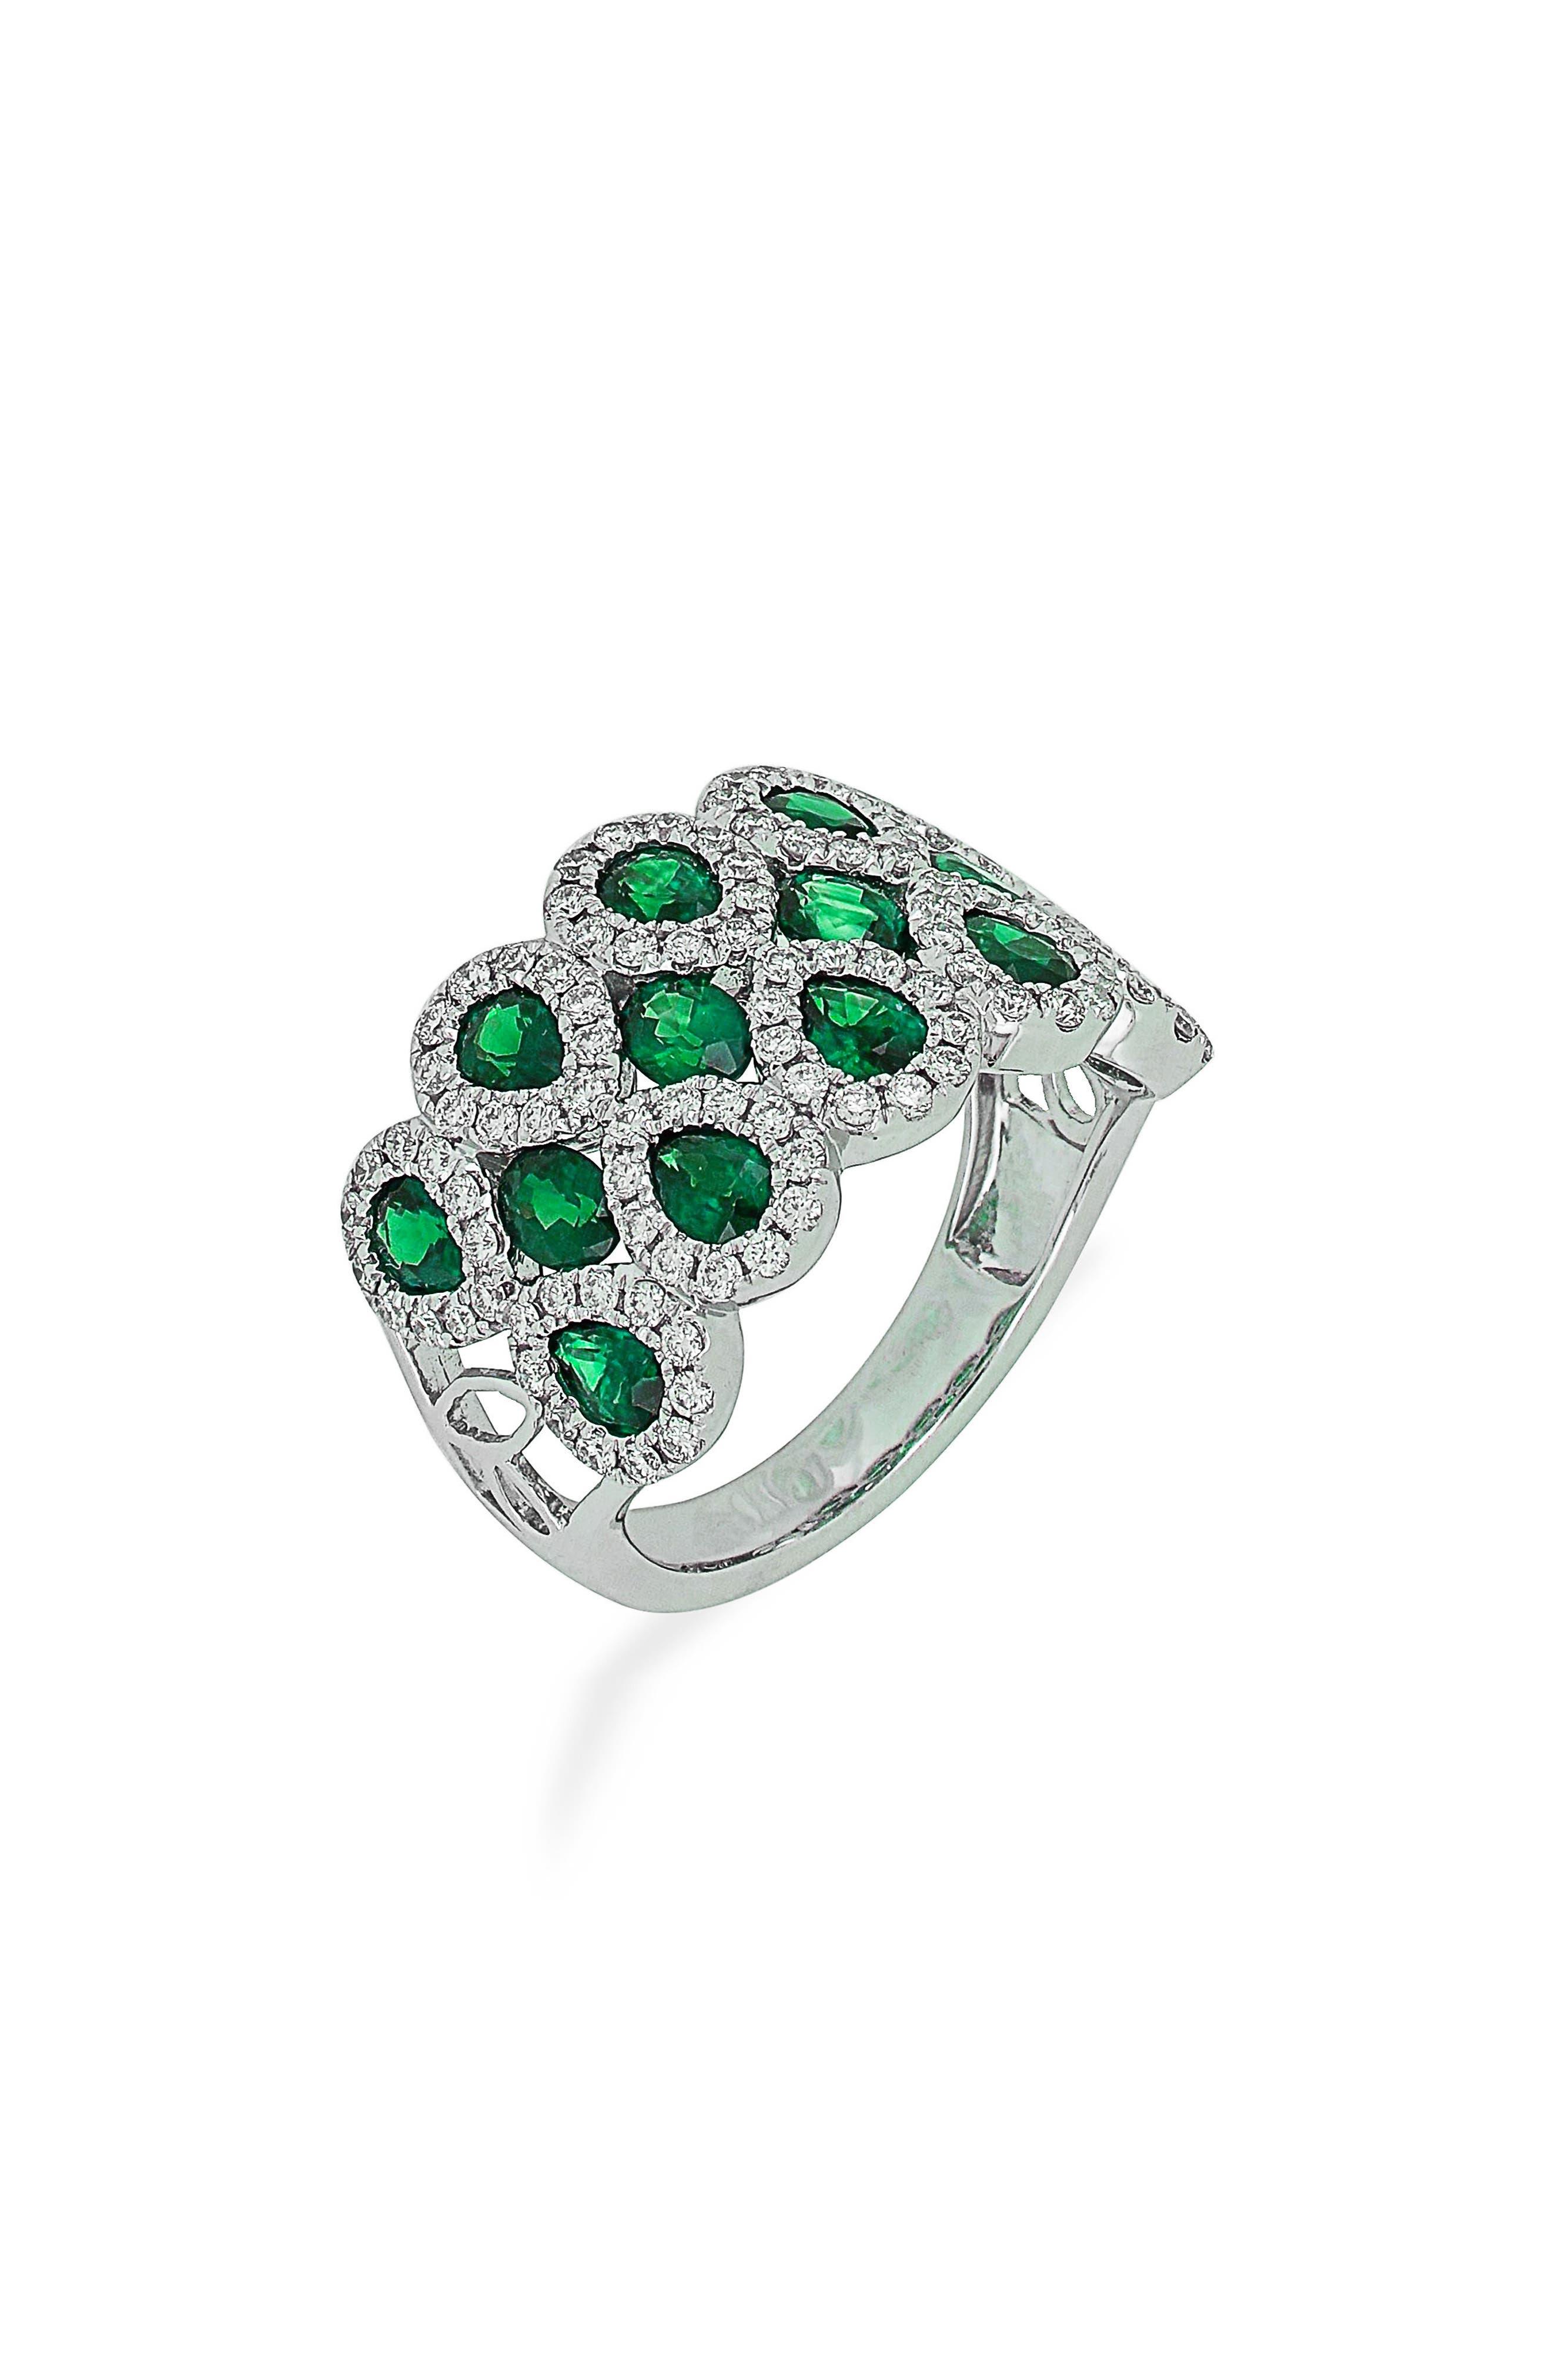 Emerald & Diamond Ring,                         Main,                         color, White Gold